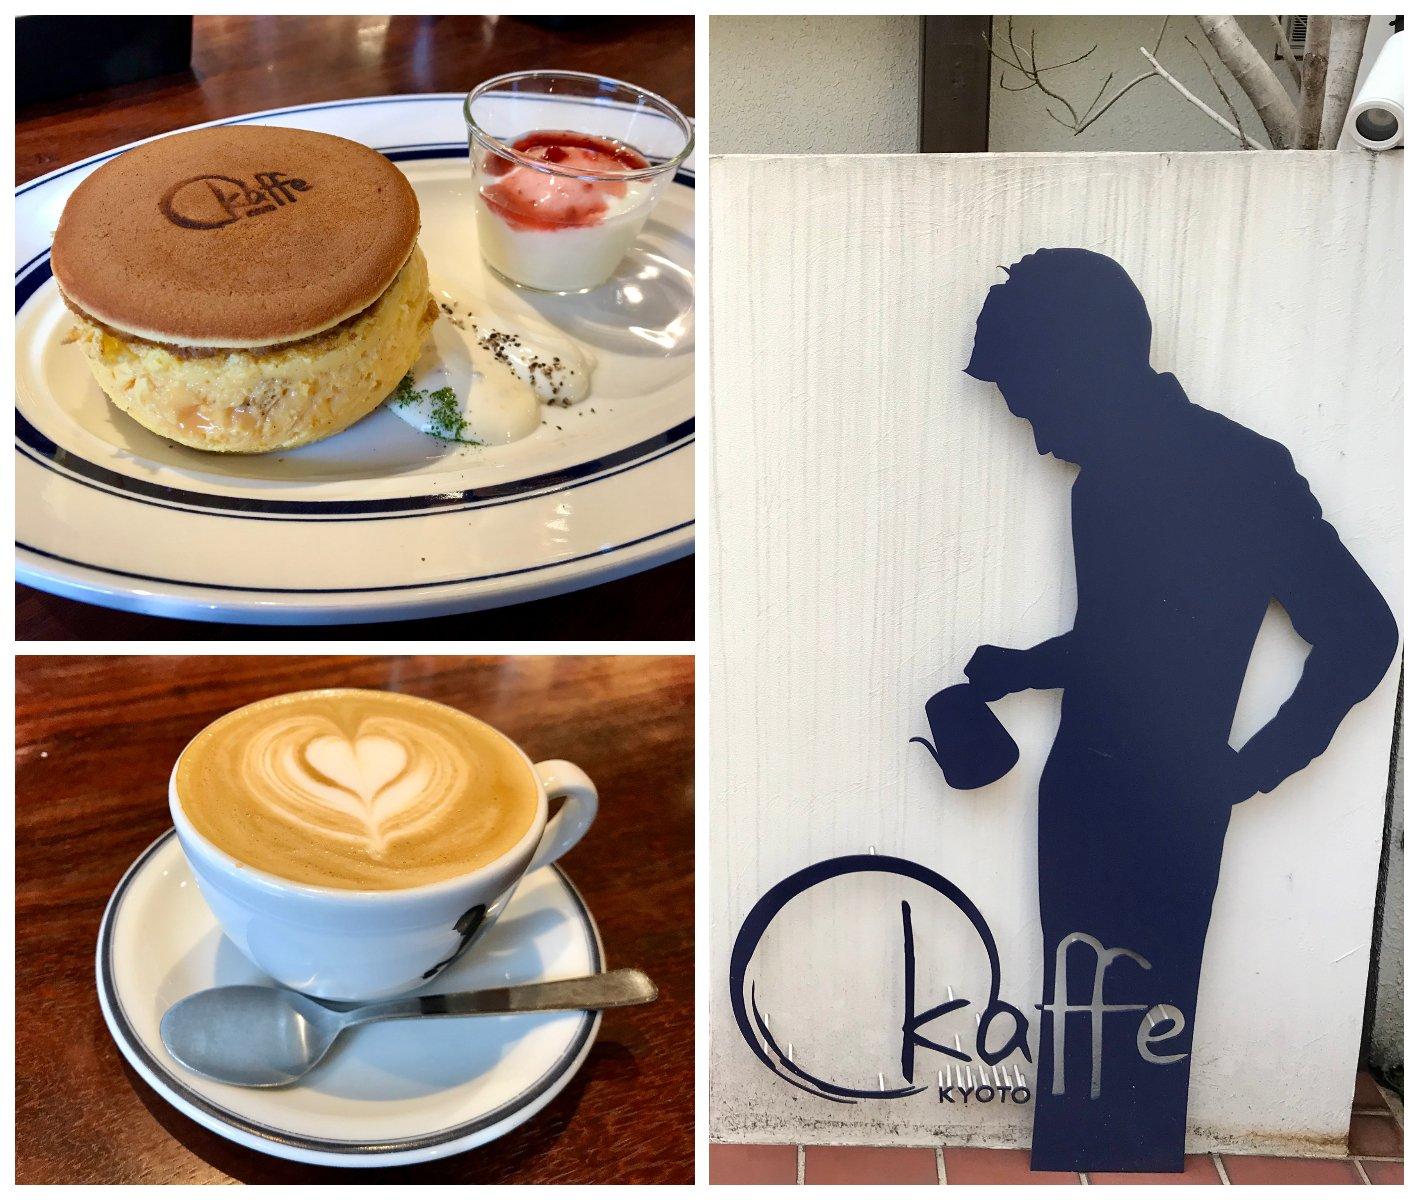 【Okaffe Kyoto】超隱密的咖啡店 就算迷路還是要吃到蓬鬆誘人的厚蛋玉子燒鬆餅